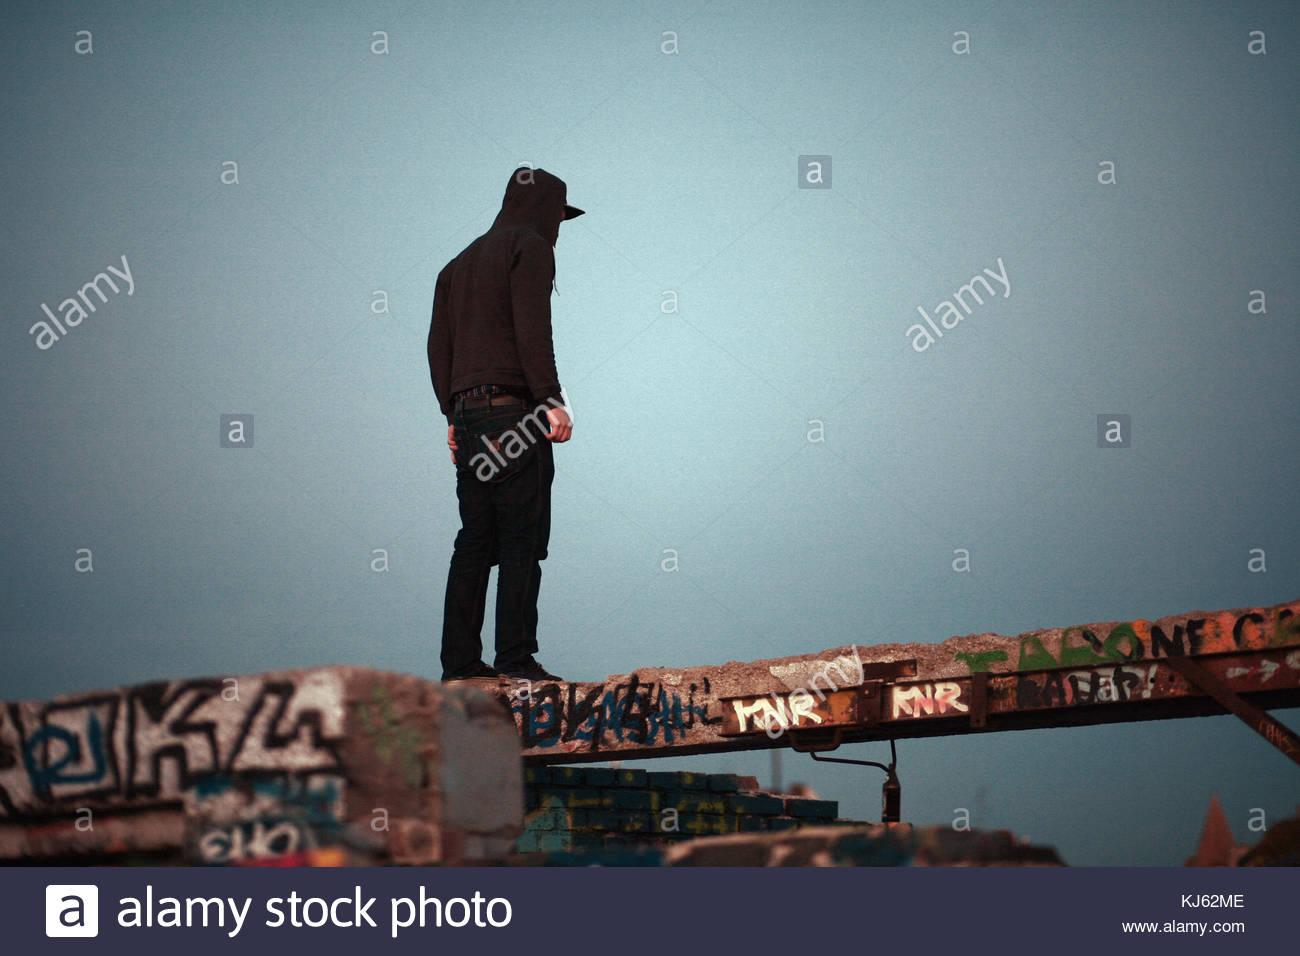 young adult man on graffiti walk - Stock Image